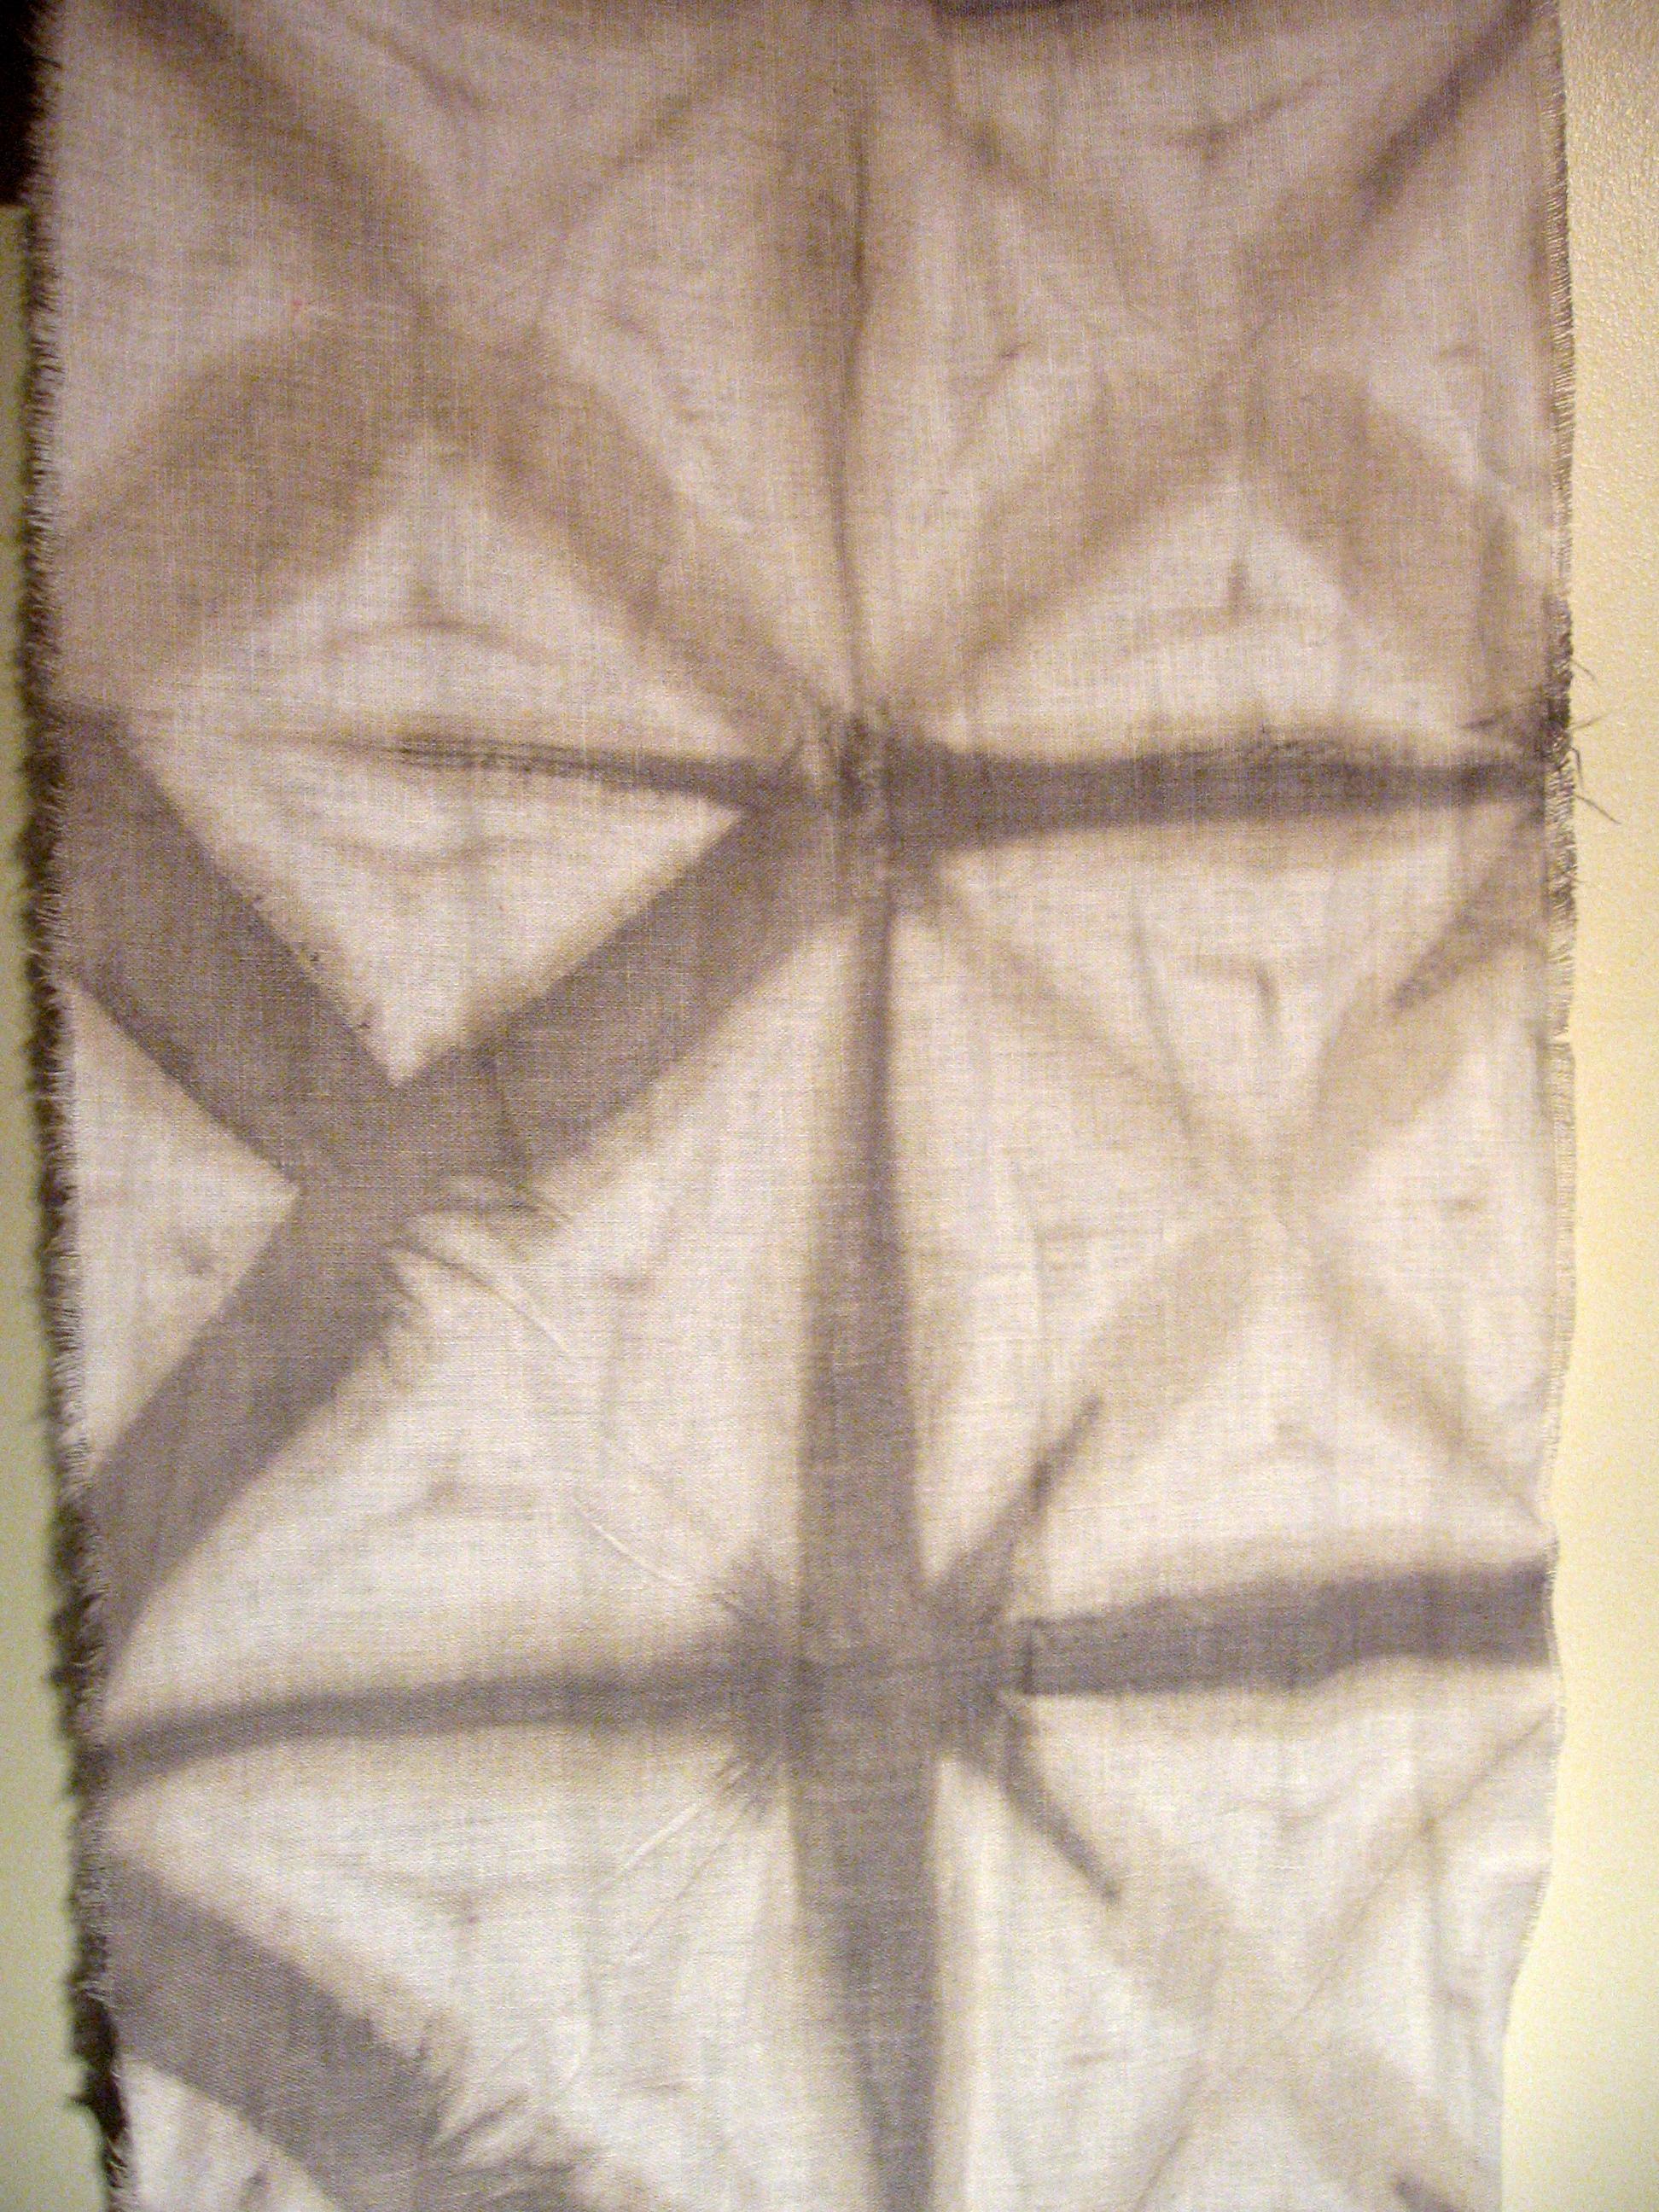 shibori-dyed-fabric_5076086651_o.jpg